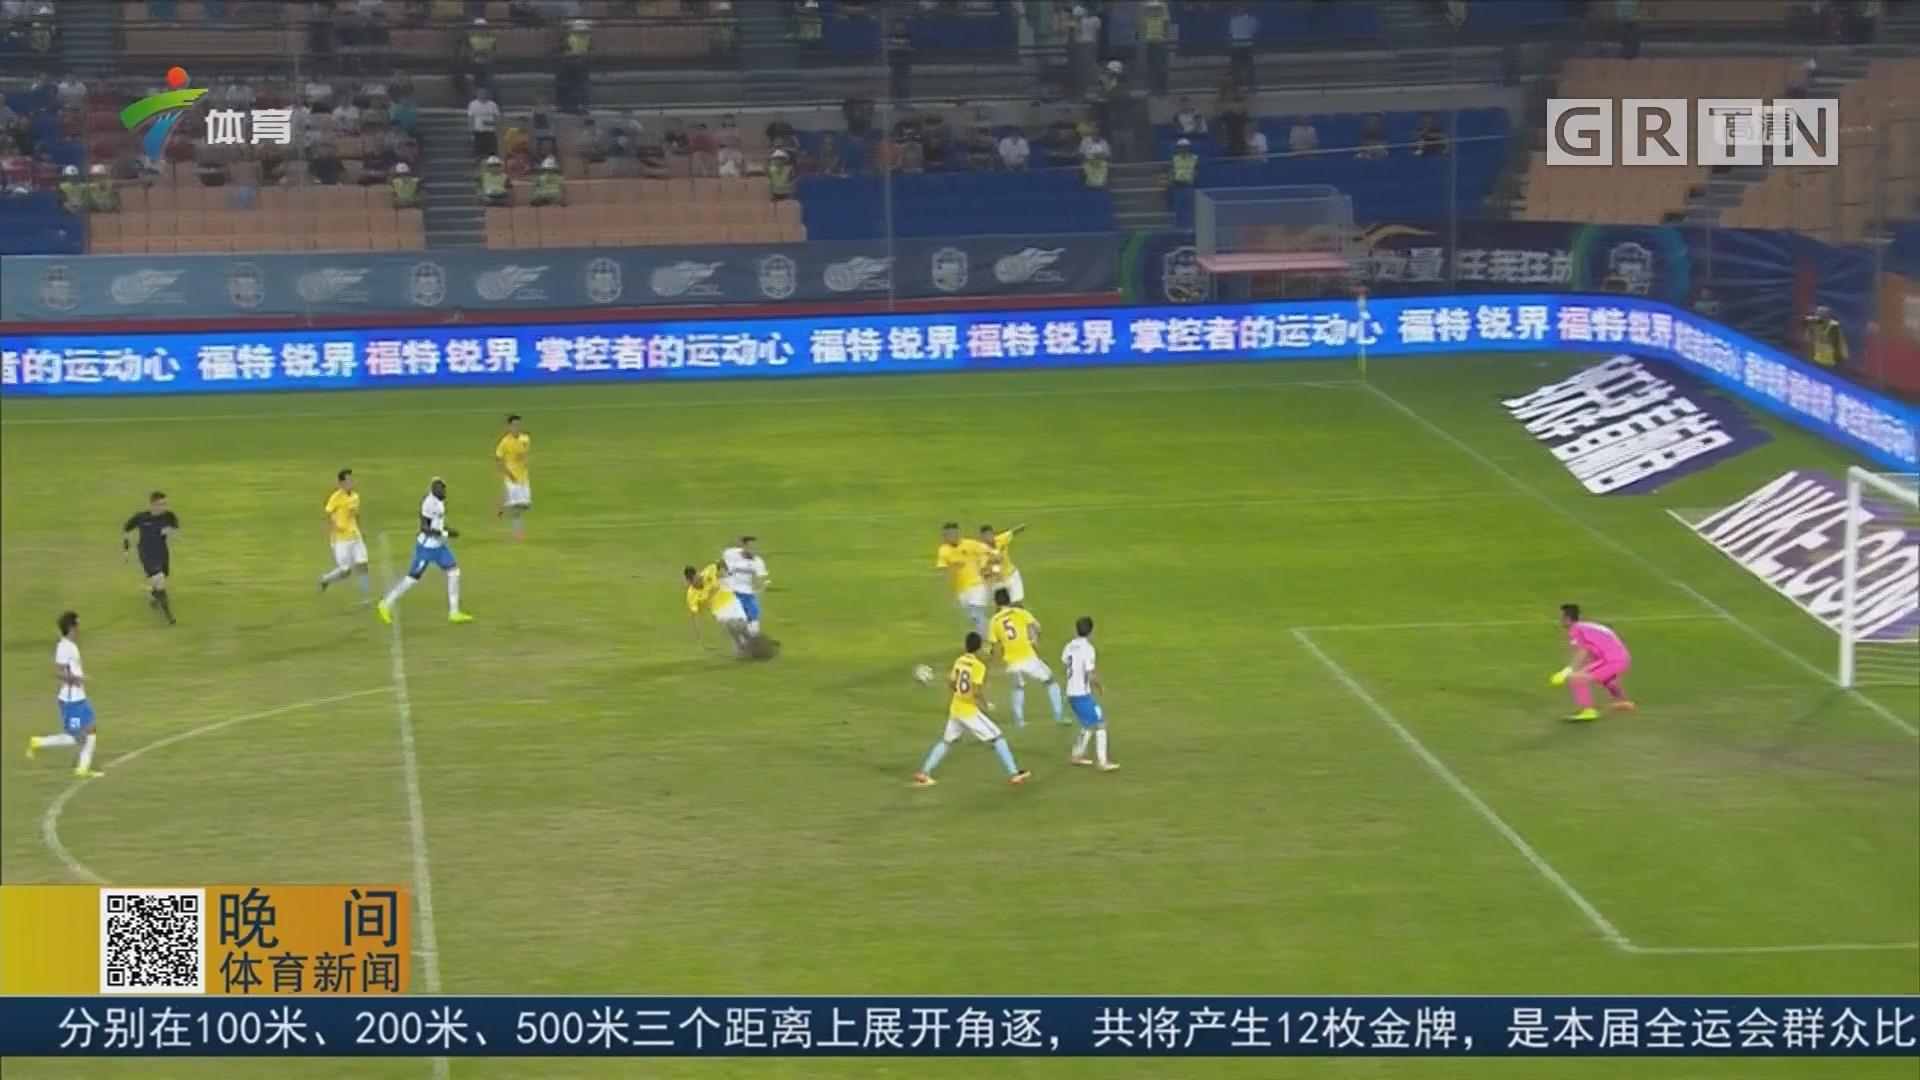 江苏苏宁客场战平天津亿利